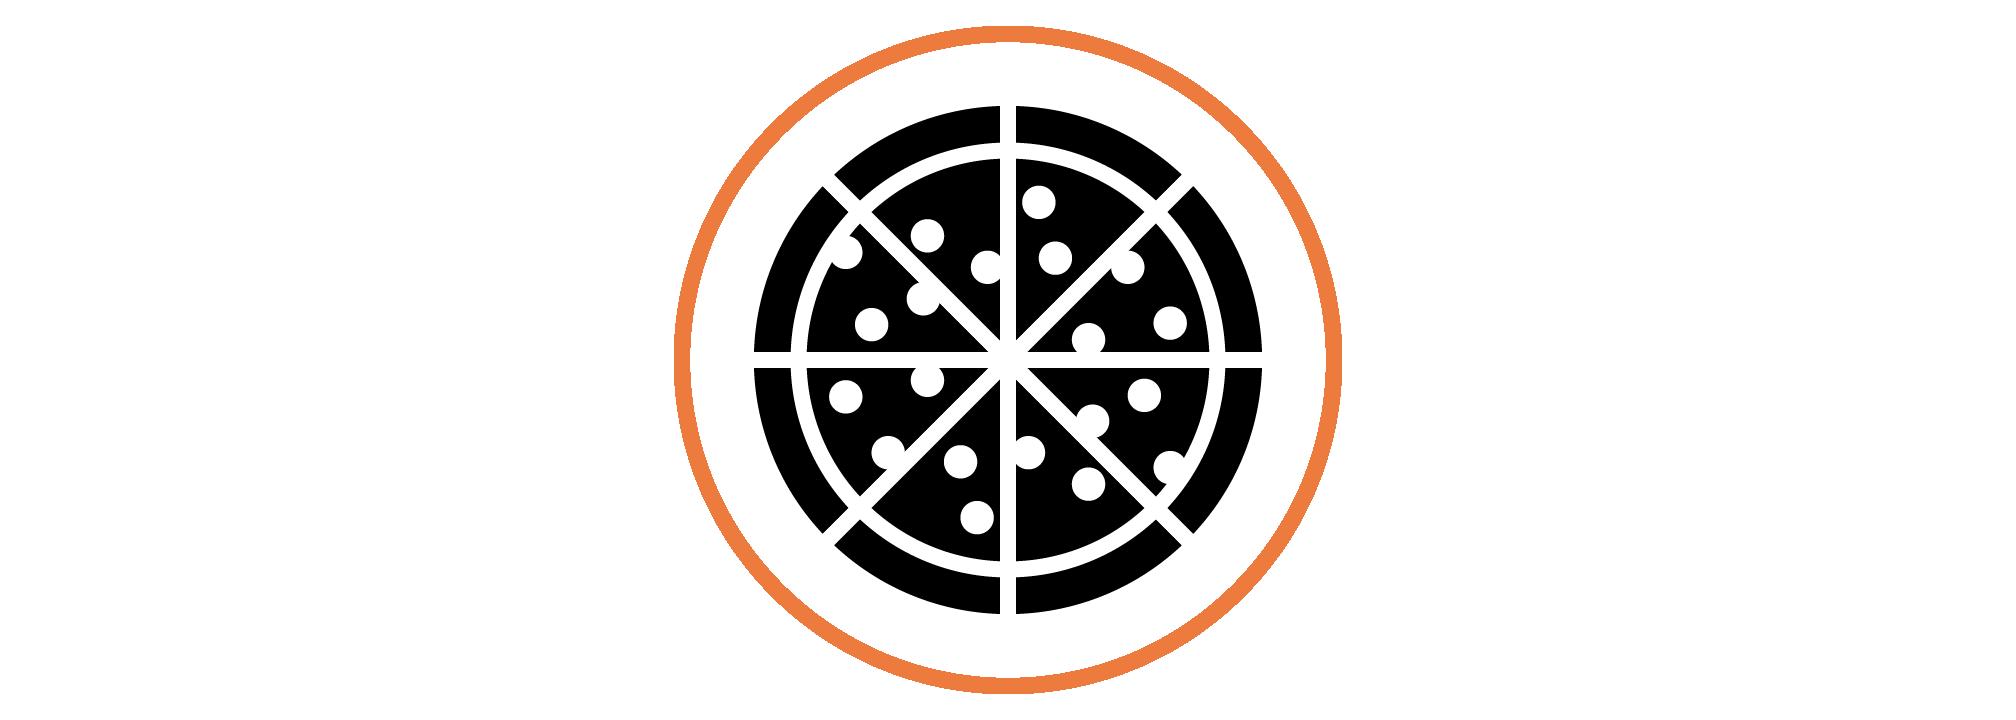 rewards-pizza-5000-points.png